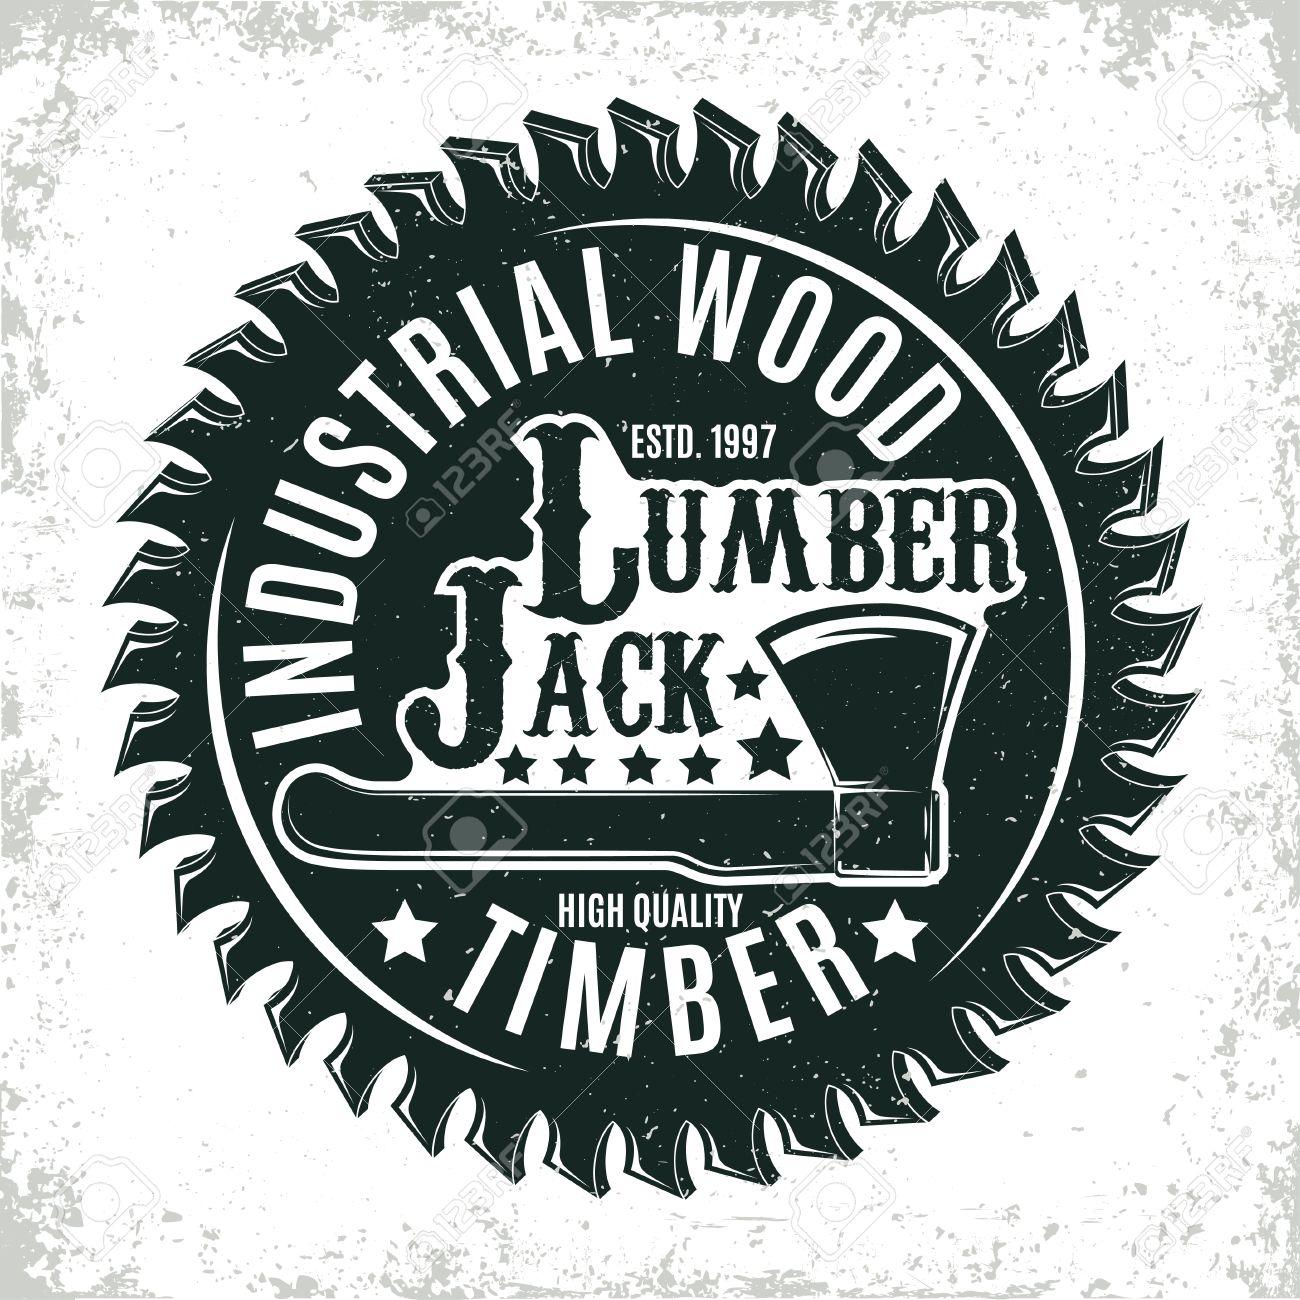 Vintage woodworking logo design, grange print stamp, creative carpentry typography emblem, Vector - 72243546